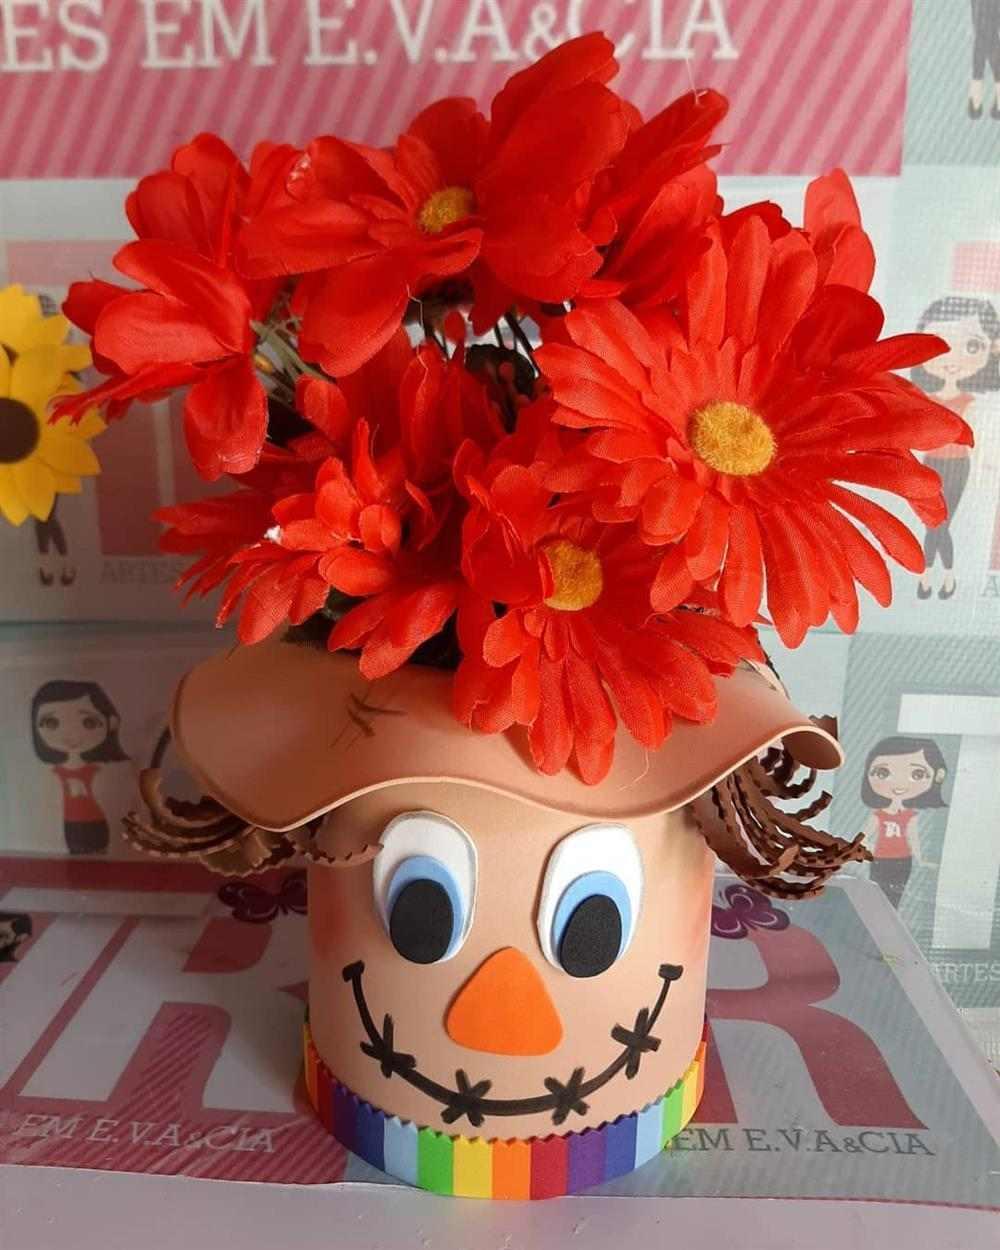 espantalho de eva com flores